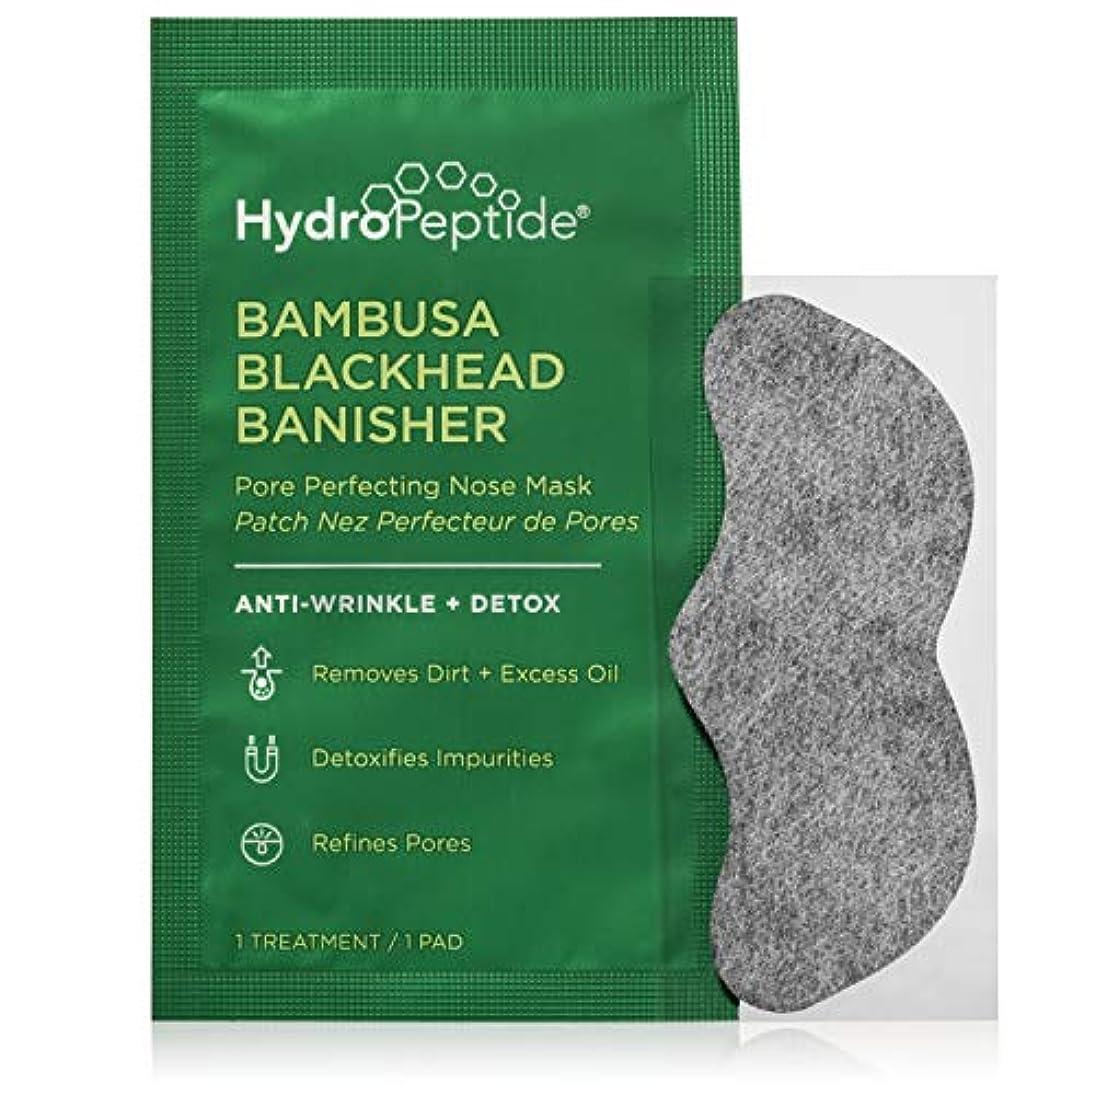 土スリル徐々にハイドロペプチド Bambusa Blackhead Banisher Pore Perfecting Nose Mask 8sheets並行輸入品